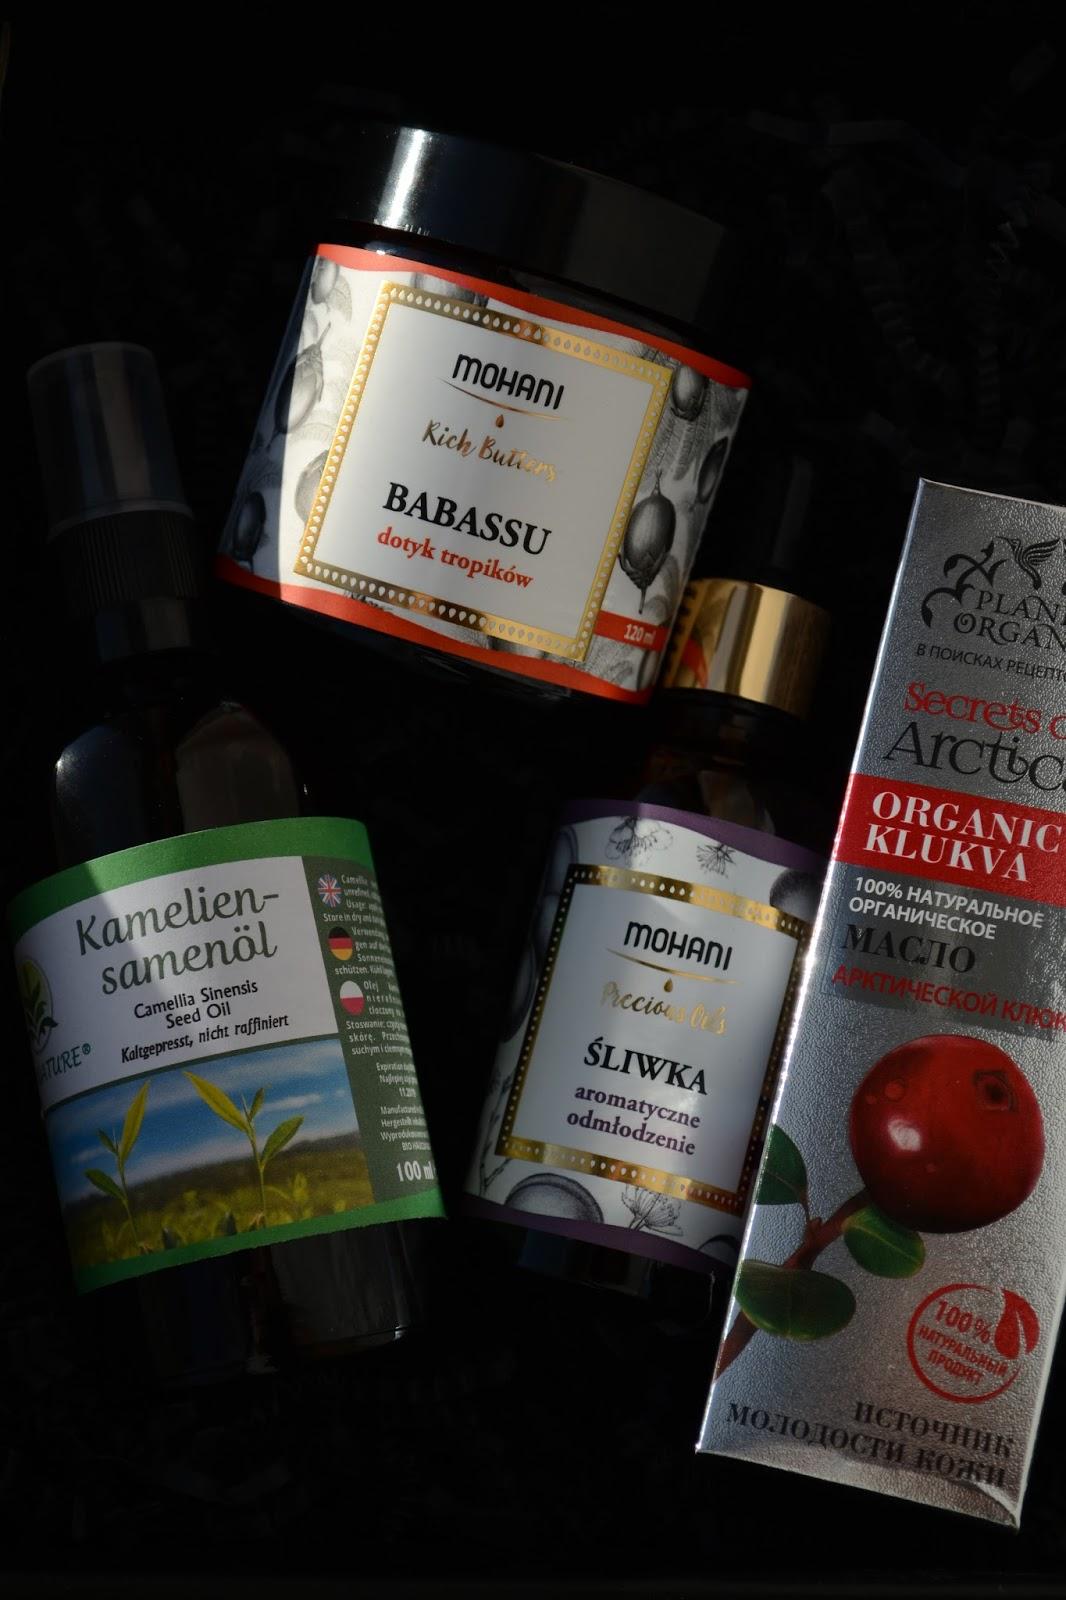 Zabezpieczanie włosów naturalnym olejem bez silikonów - moja opinia po kilku miesiącach